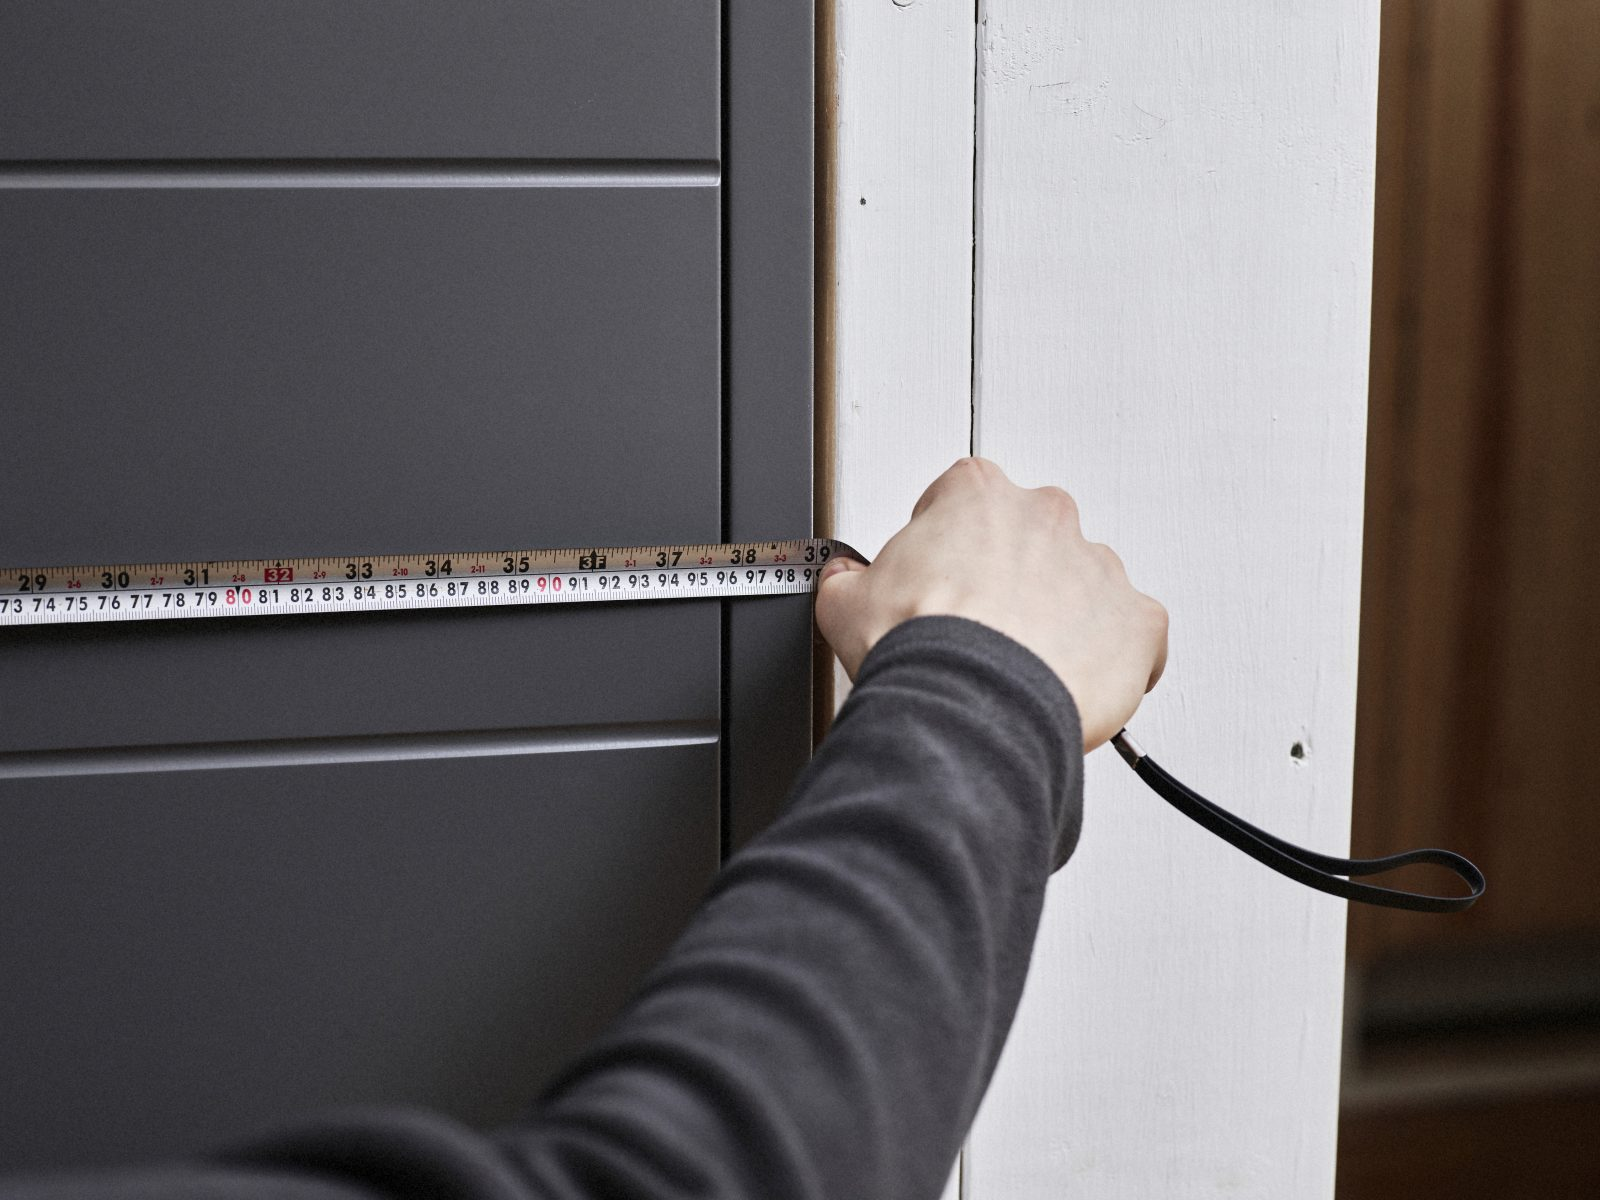 Mies mittaa mittanauhalla oven leveyttä.